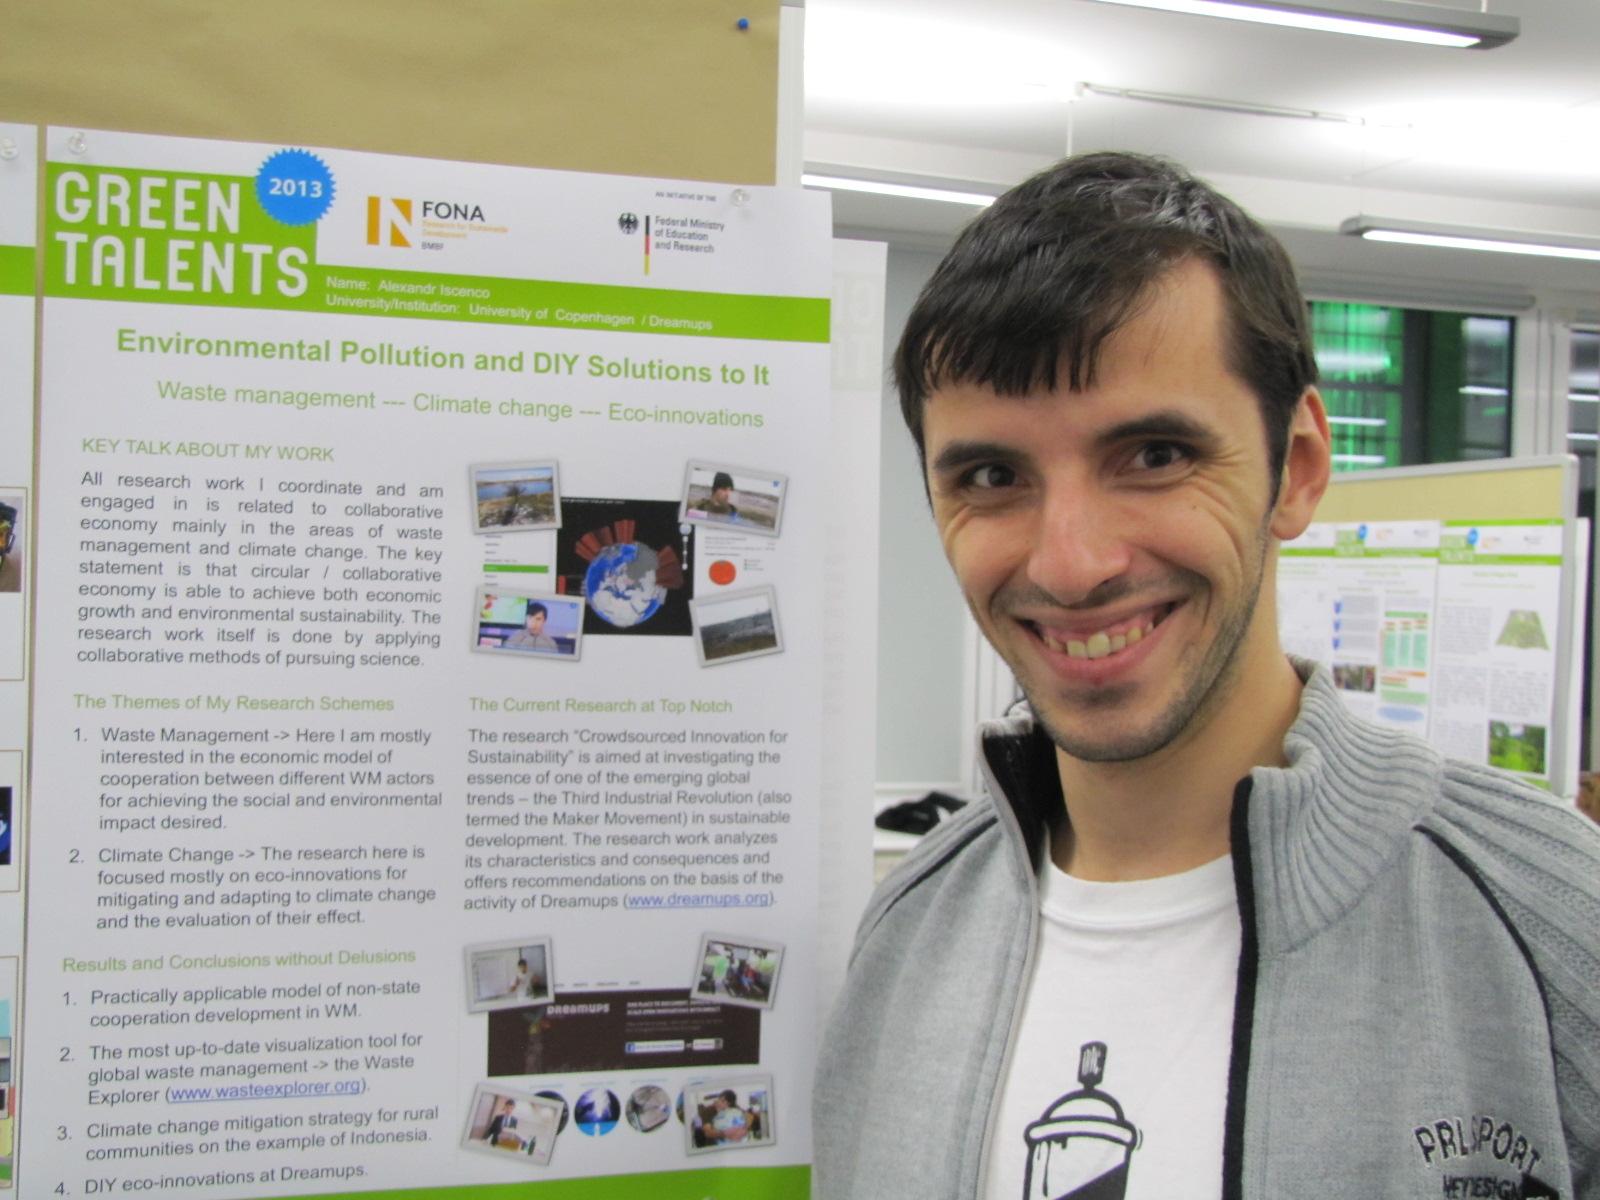 """Alexandr Iscenco: """"Science SLAM este un eveniment foare reușit pentru a aduce tinerii mai aproape de cercetări și inovații""""/ INTERVIU"""